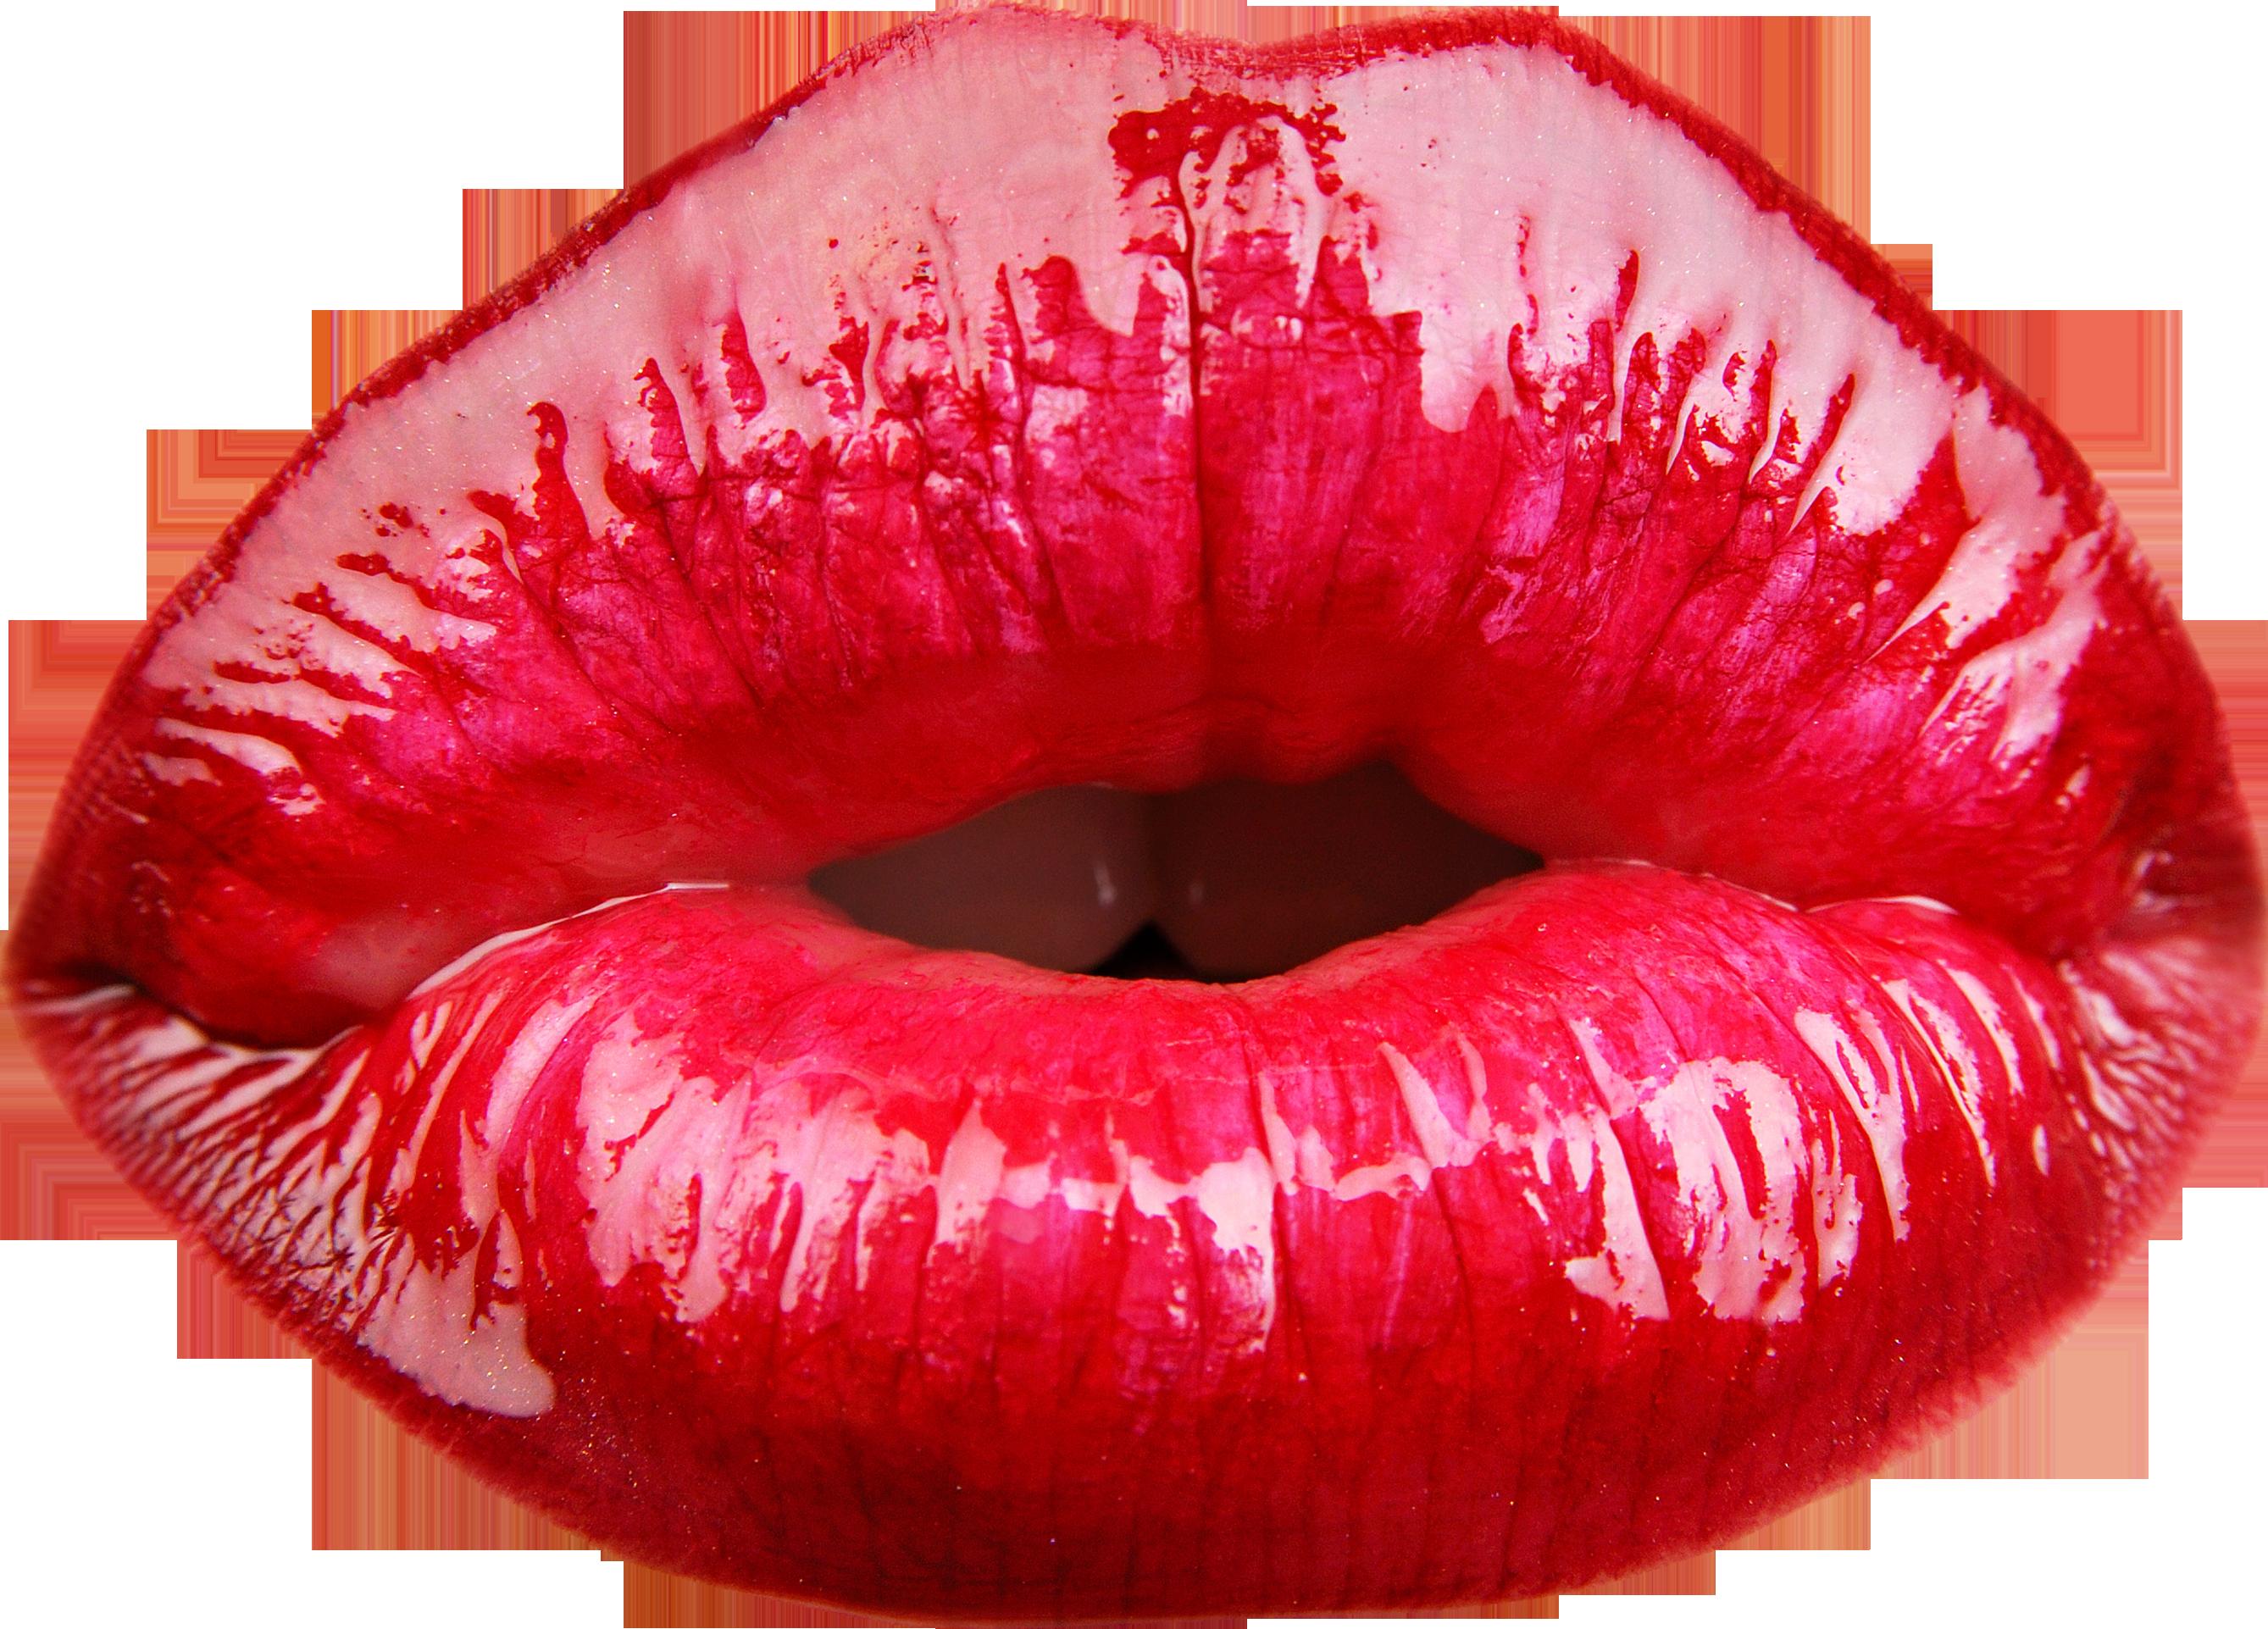 версия открытка сладкие губы съемка